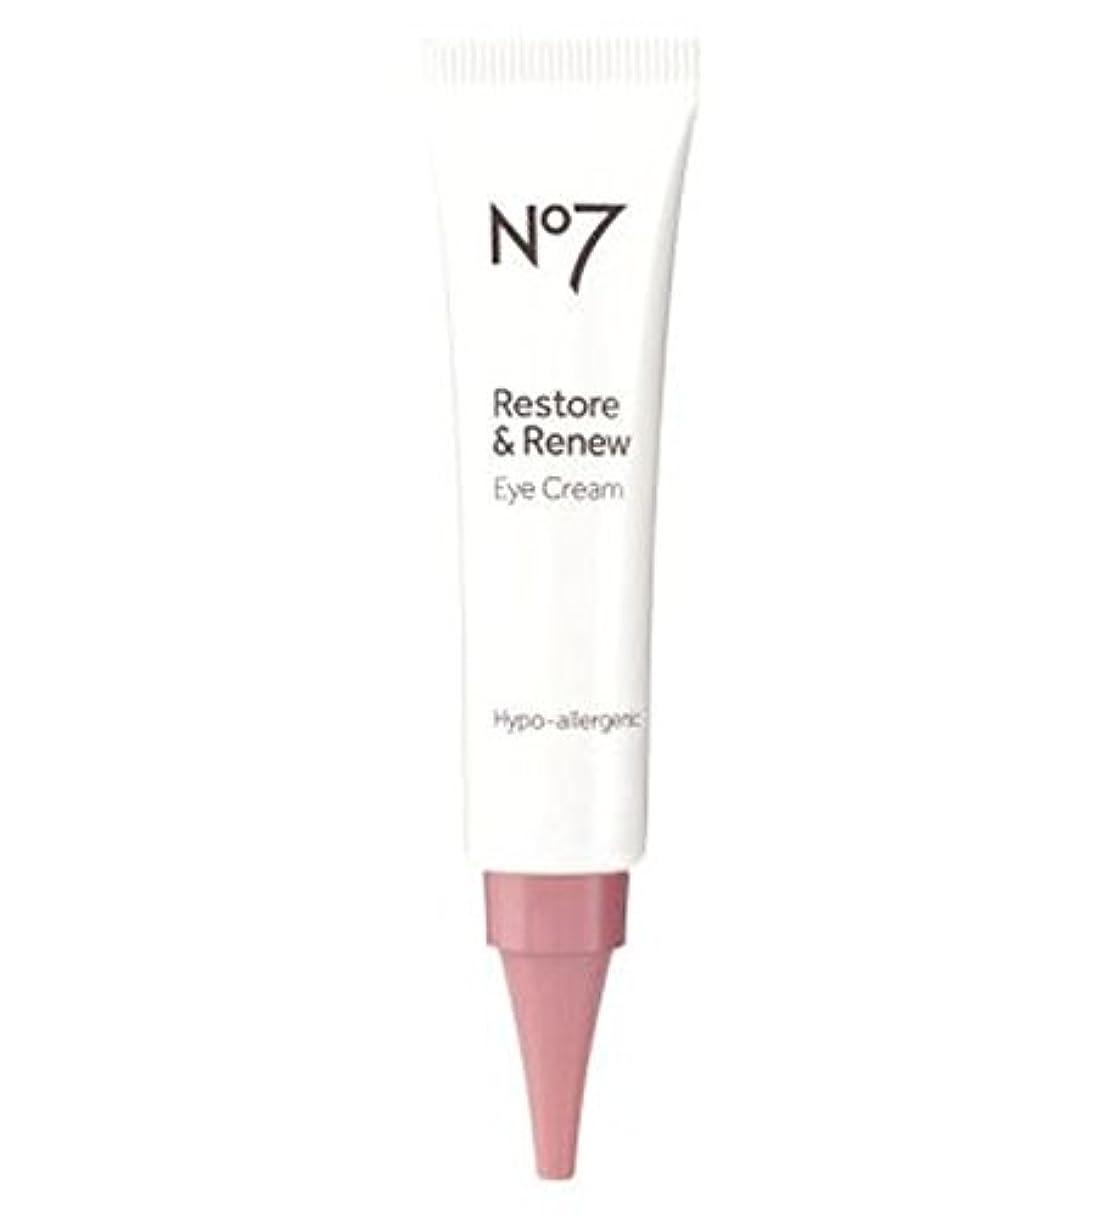 ポルトガル語連想野心No7 Restore & Renew Eye Cream - No7復元&アイクリームを更新 (No7) [並行輸入品]